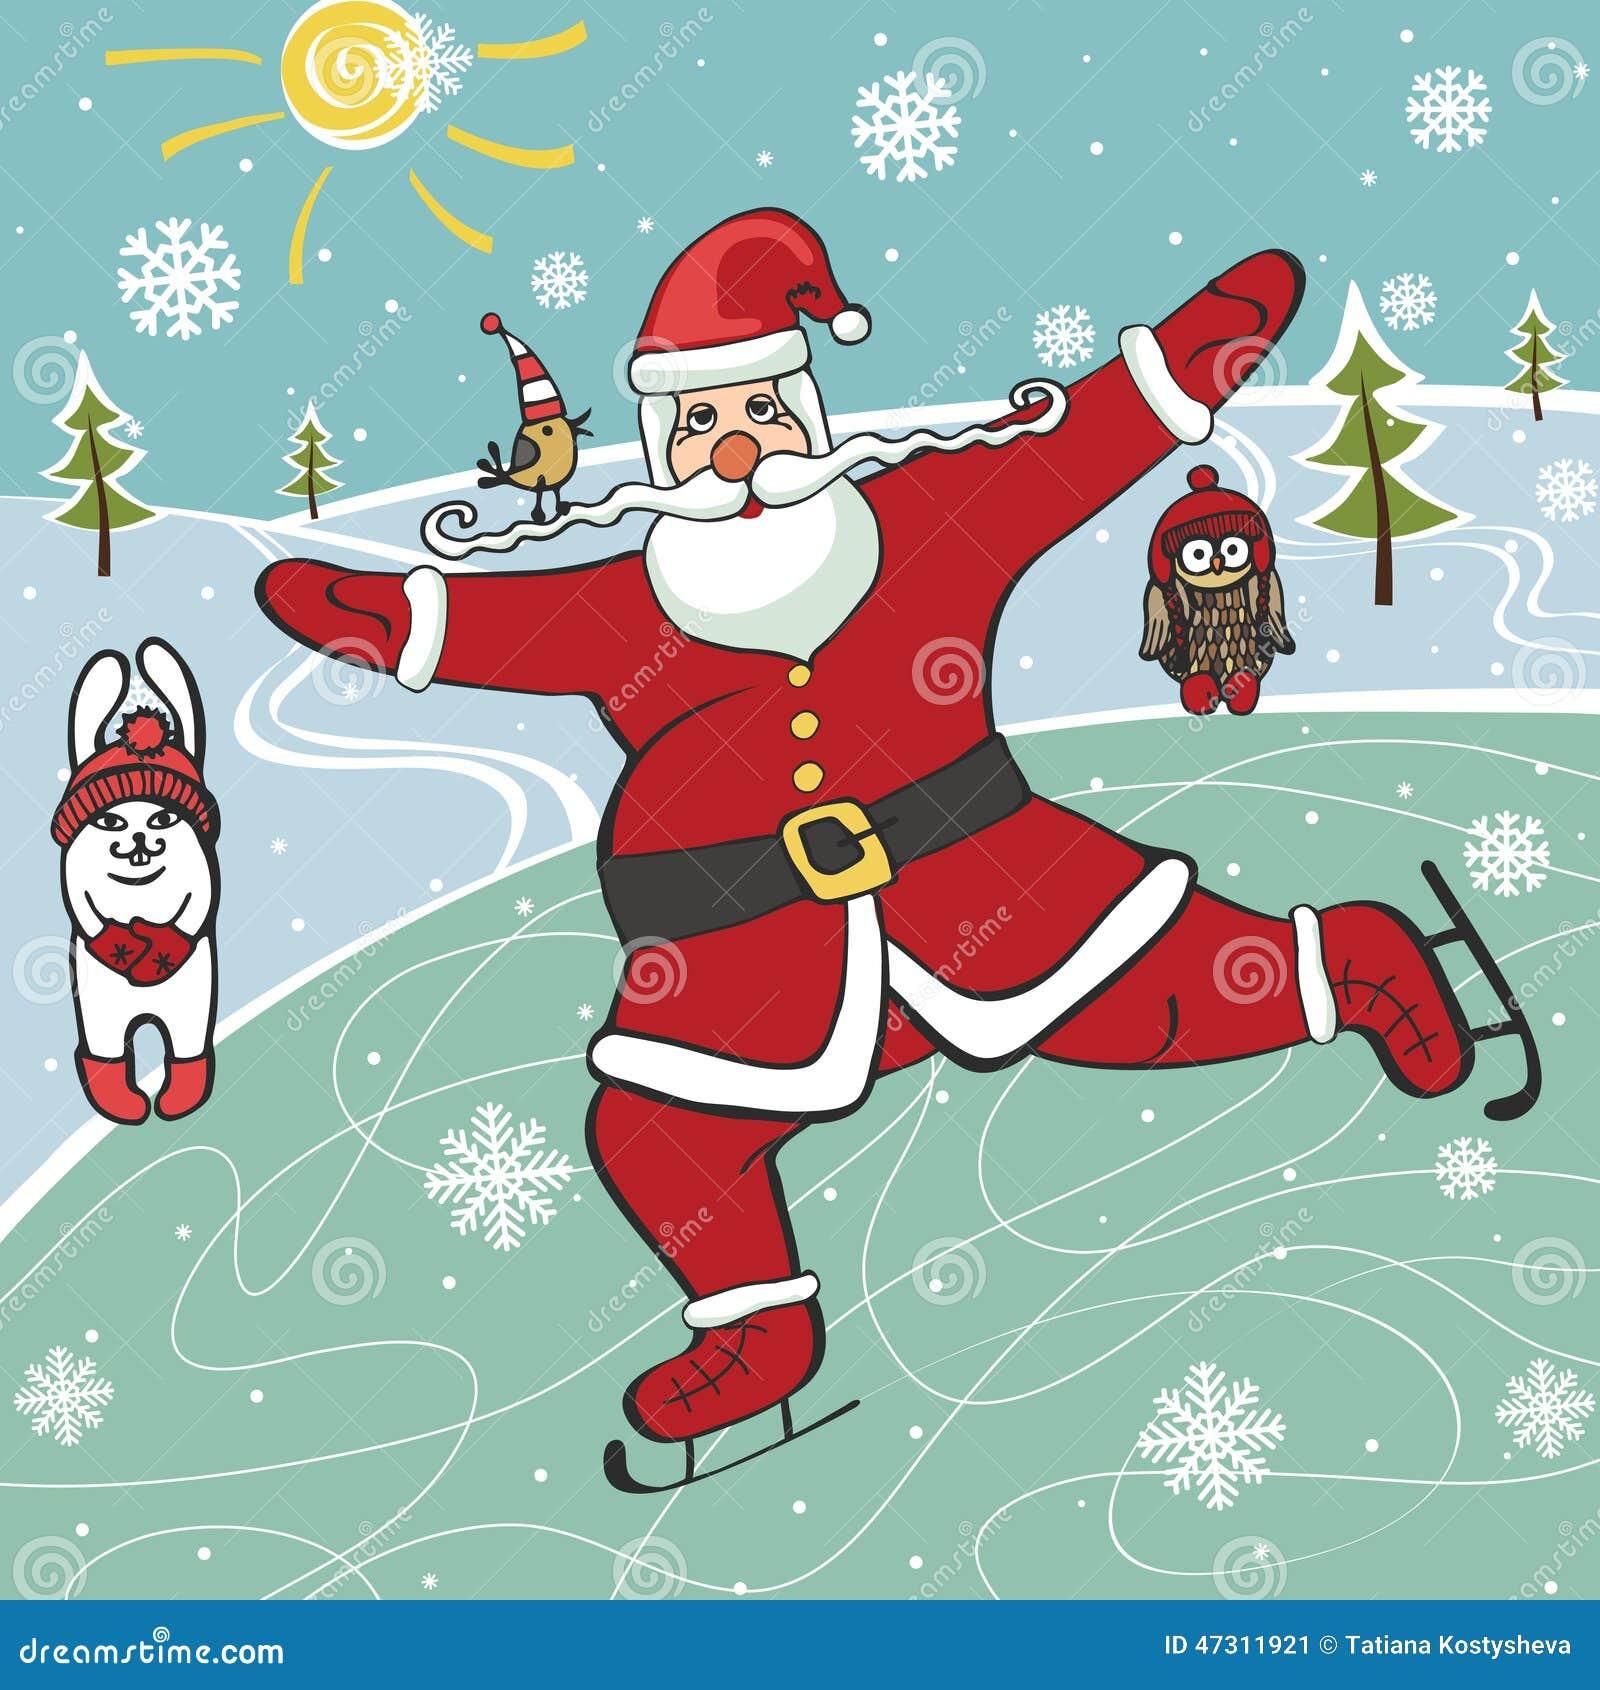 Immagini Natale Umoristiche.Pattinaggio Artistico Di Santa Illustrazioni Umoristiche